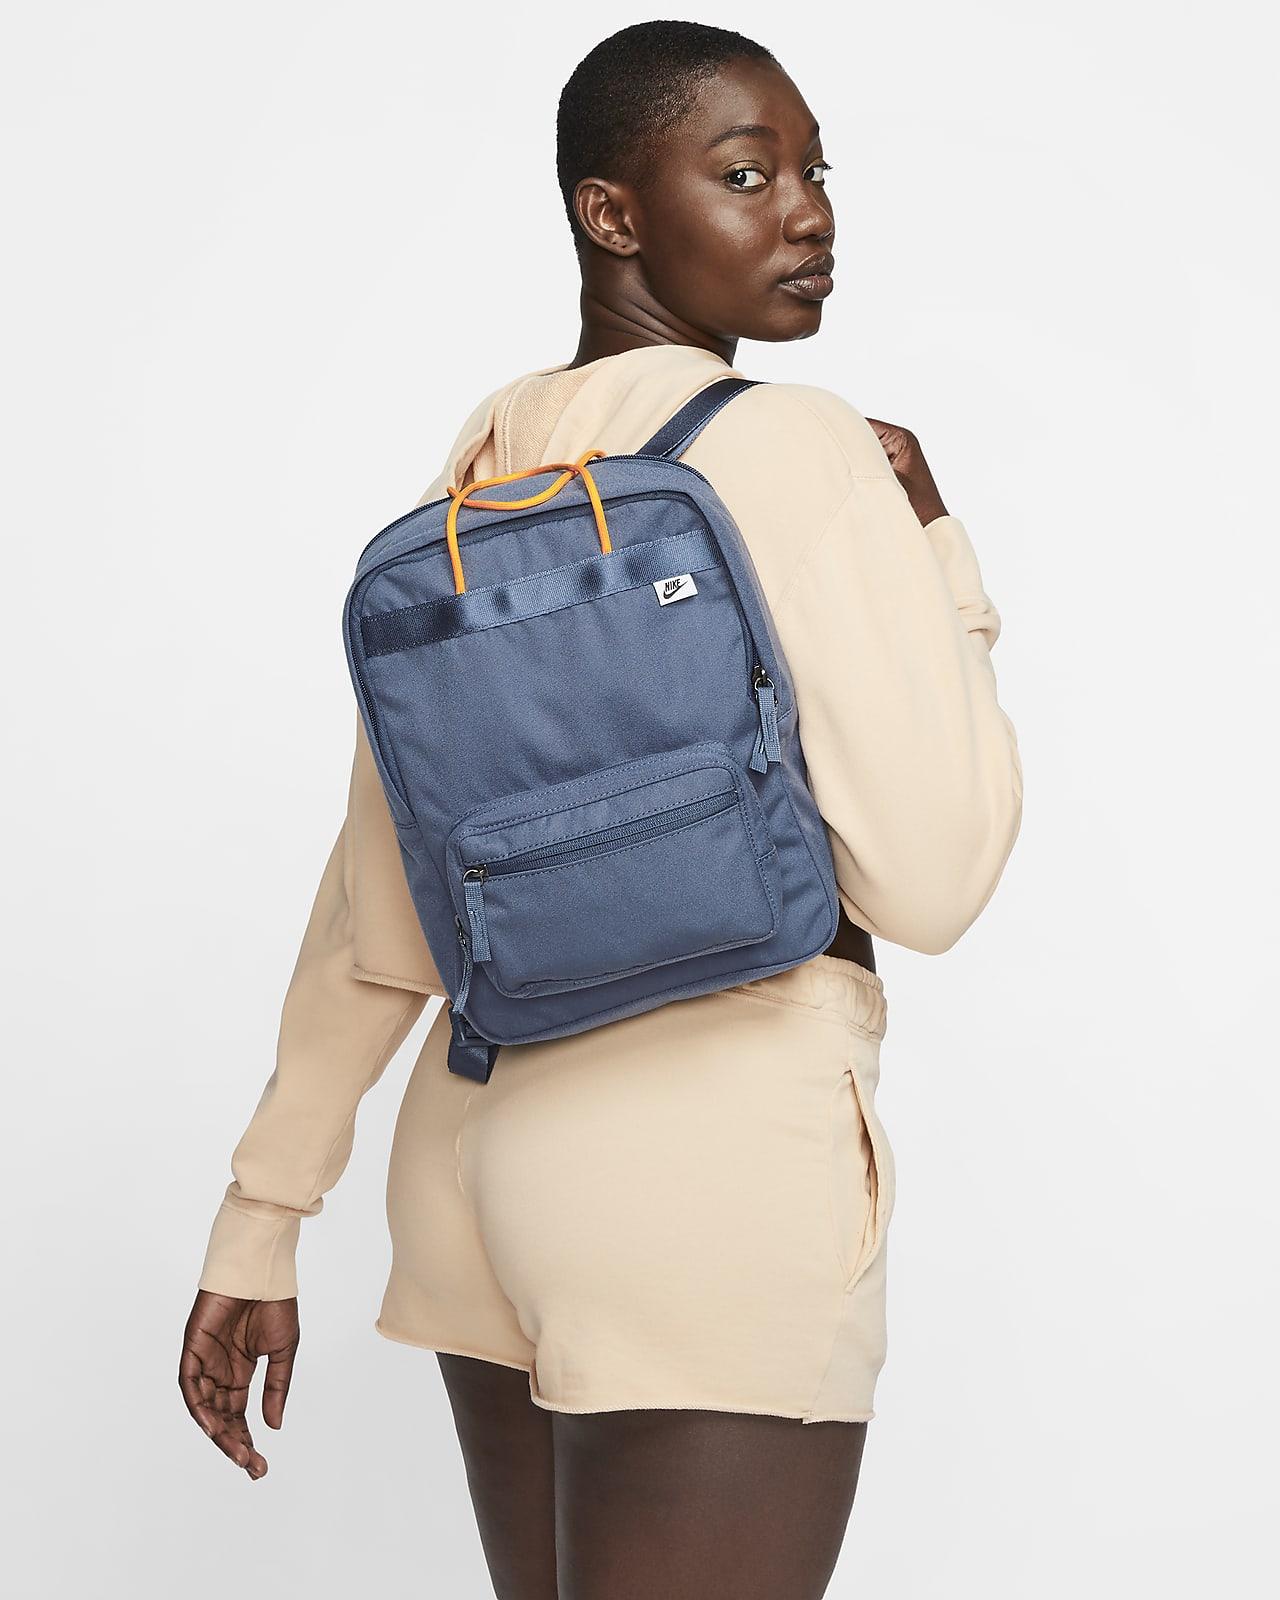 Nike Tanjun Premium ryggsekk